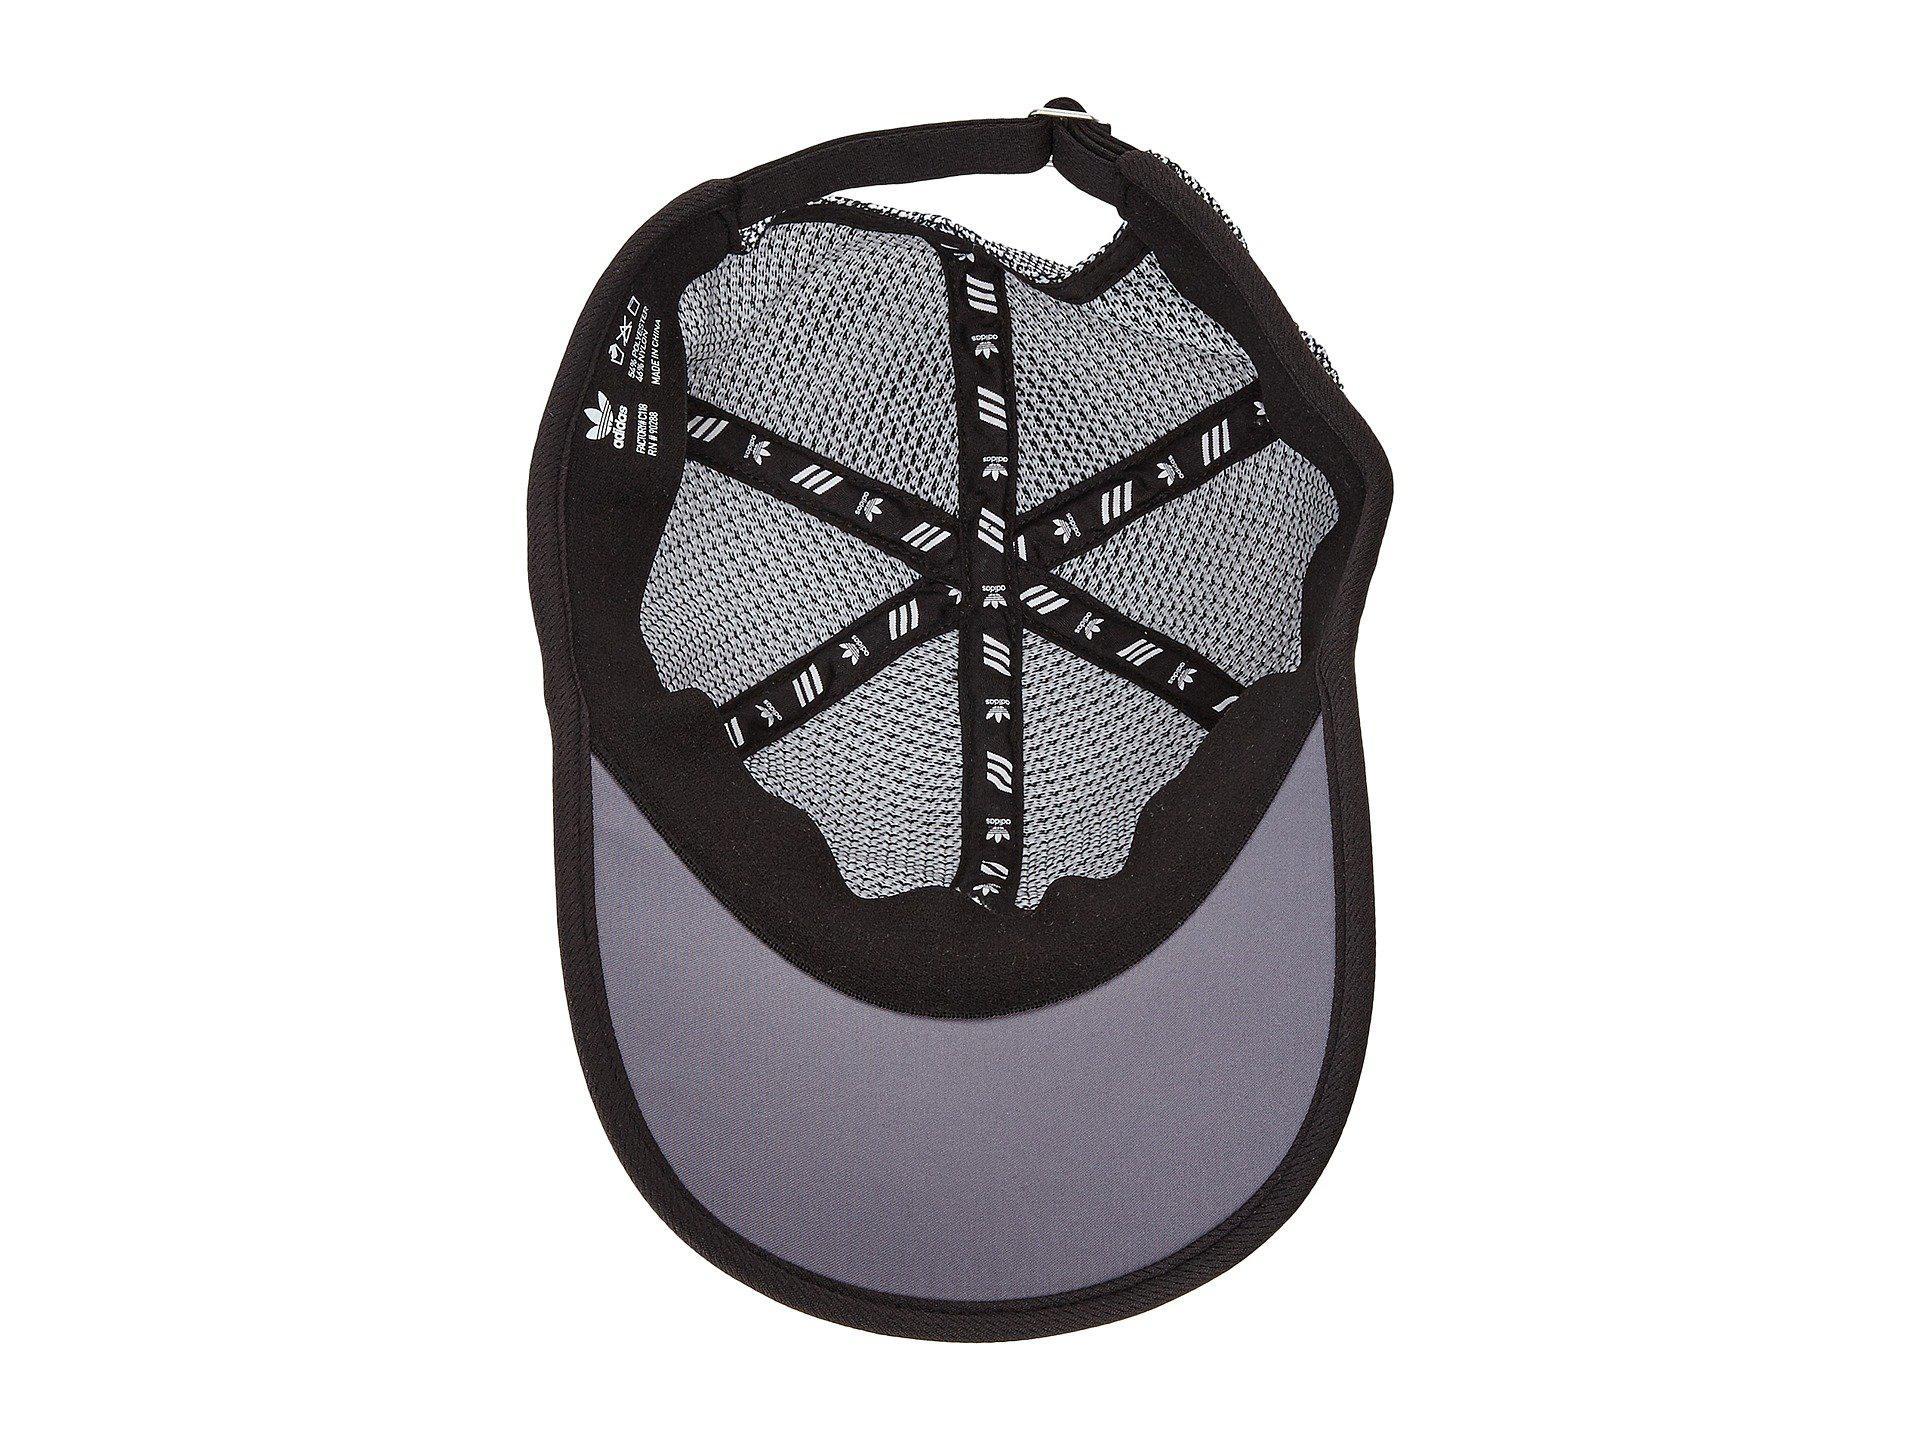 Lyst - adidas Originals Originals Prime Strapback Cap in Black for Men 5307ebac188c